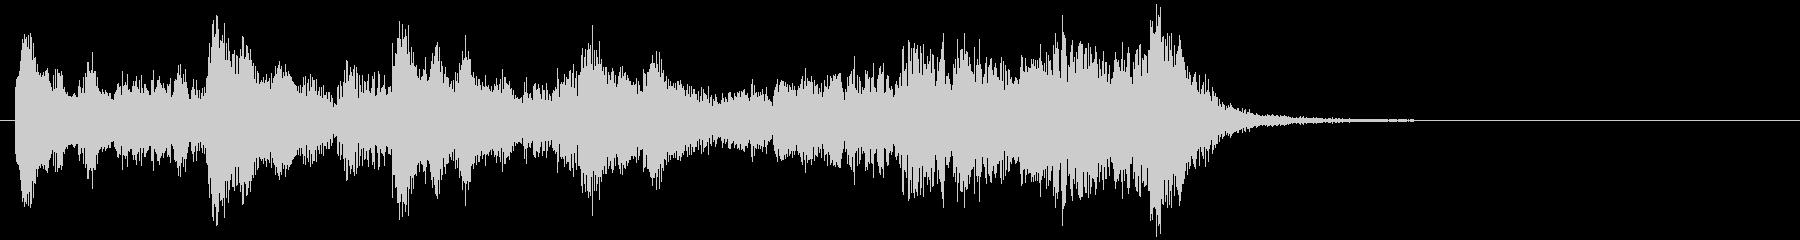 のほほんジングル023_わくわく-3の未再生の波形